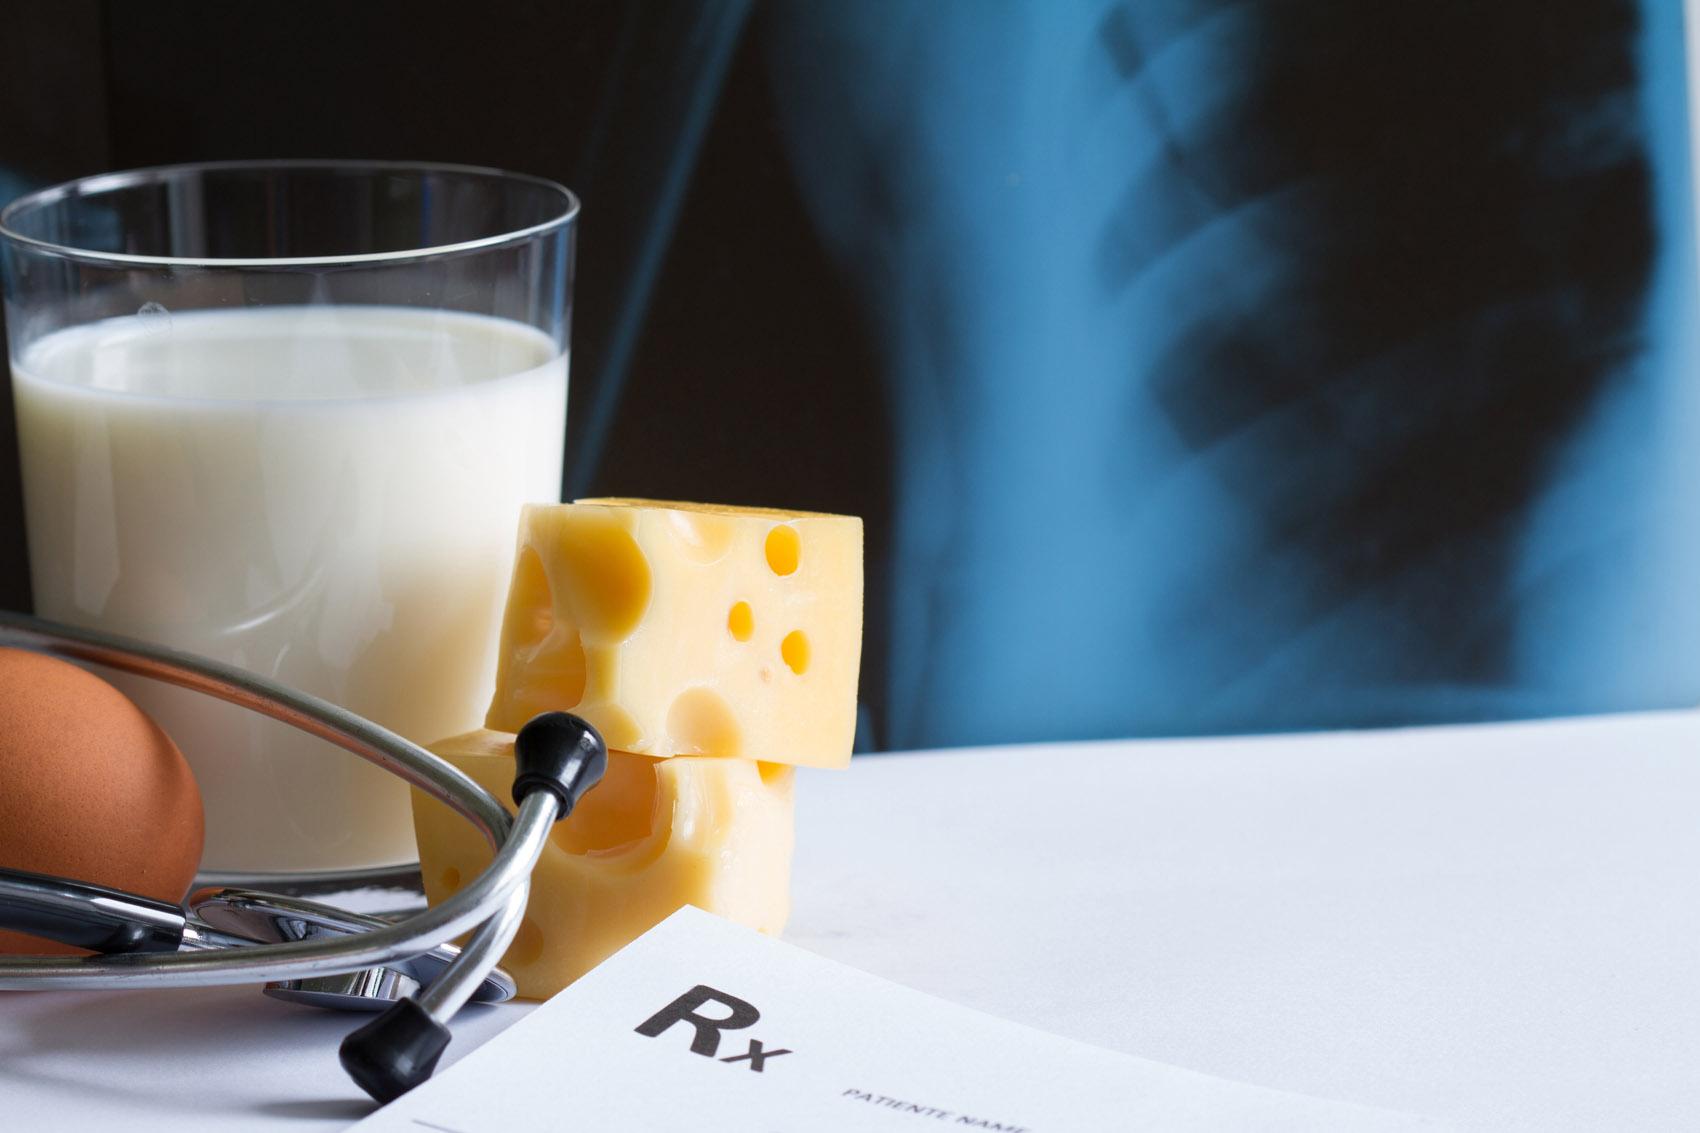 osteoporosi, calcio, ossa, latte, uova